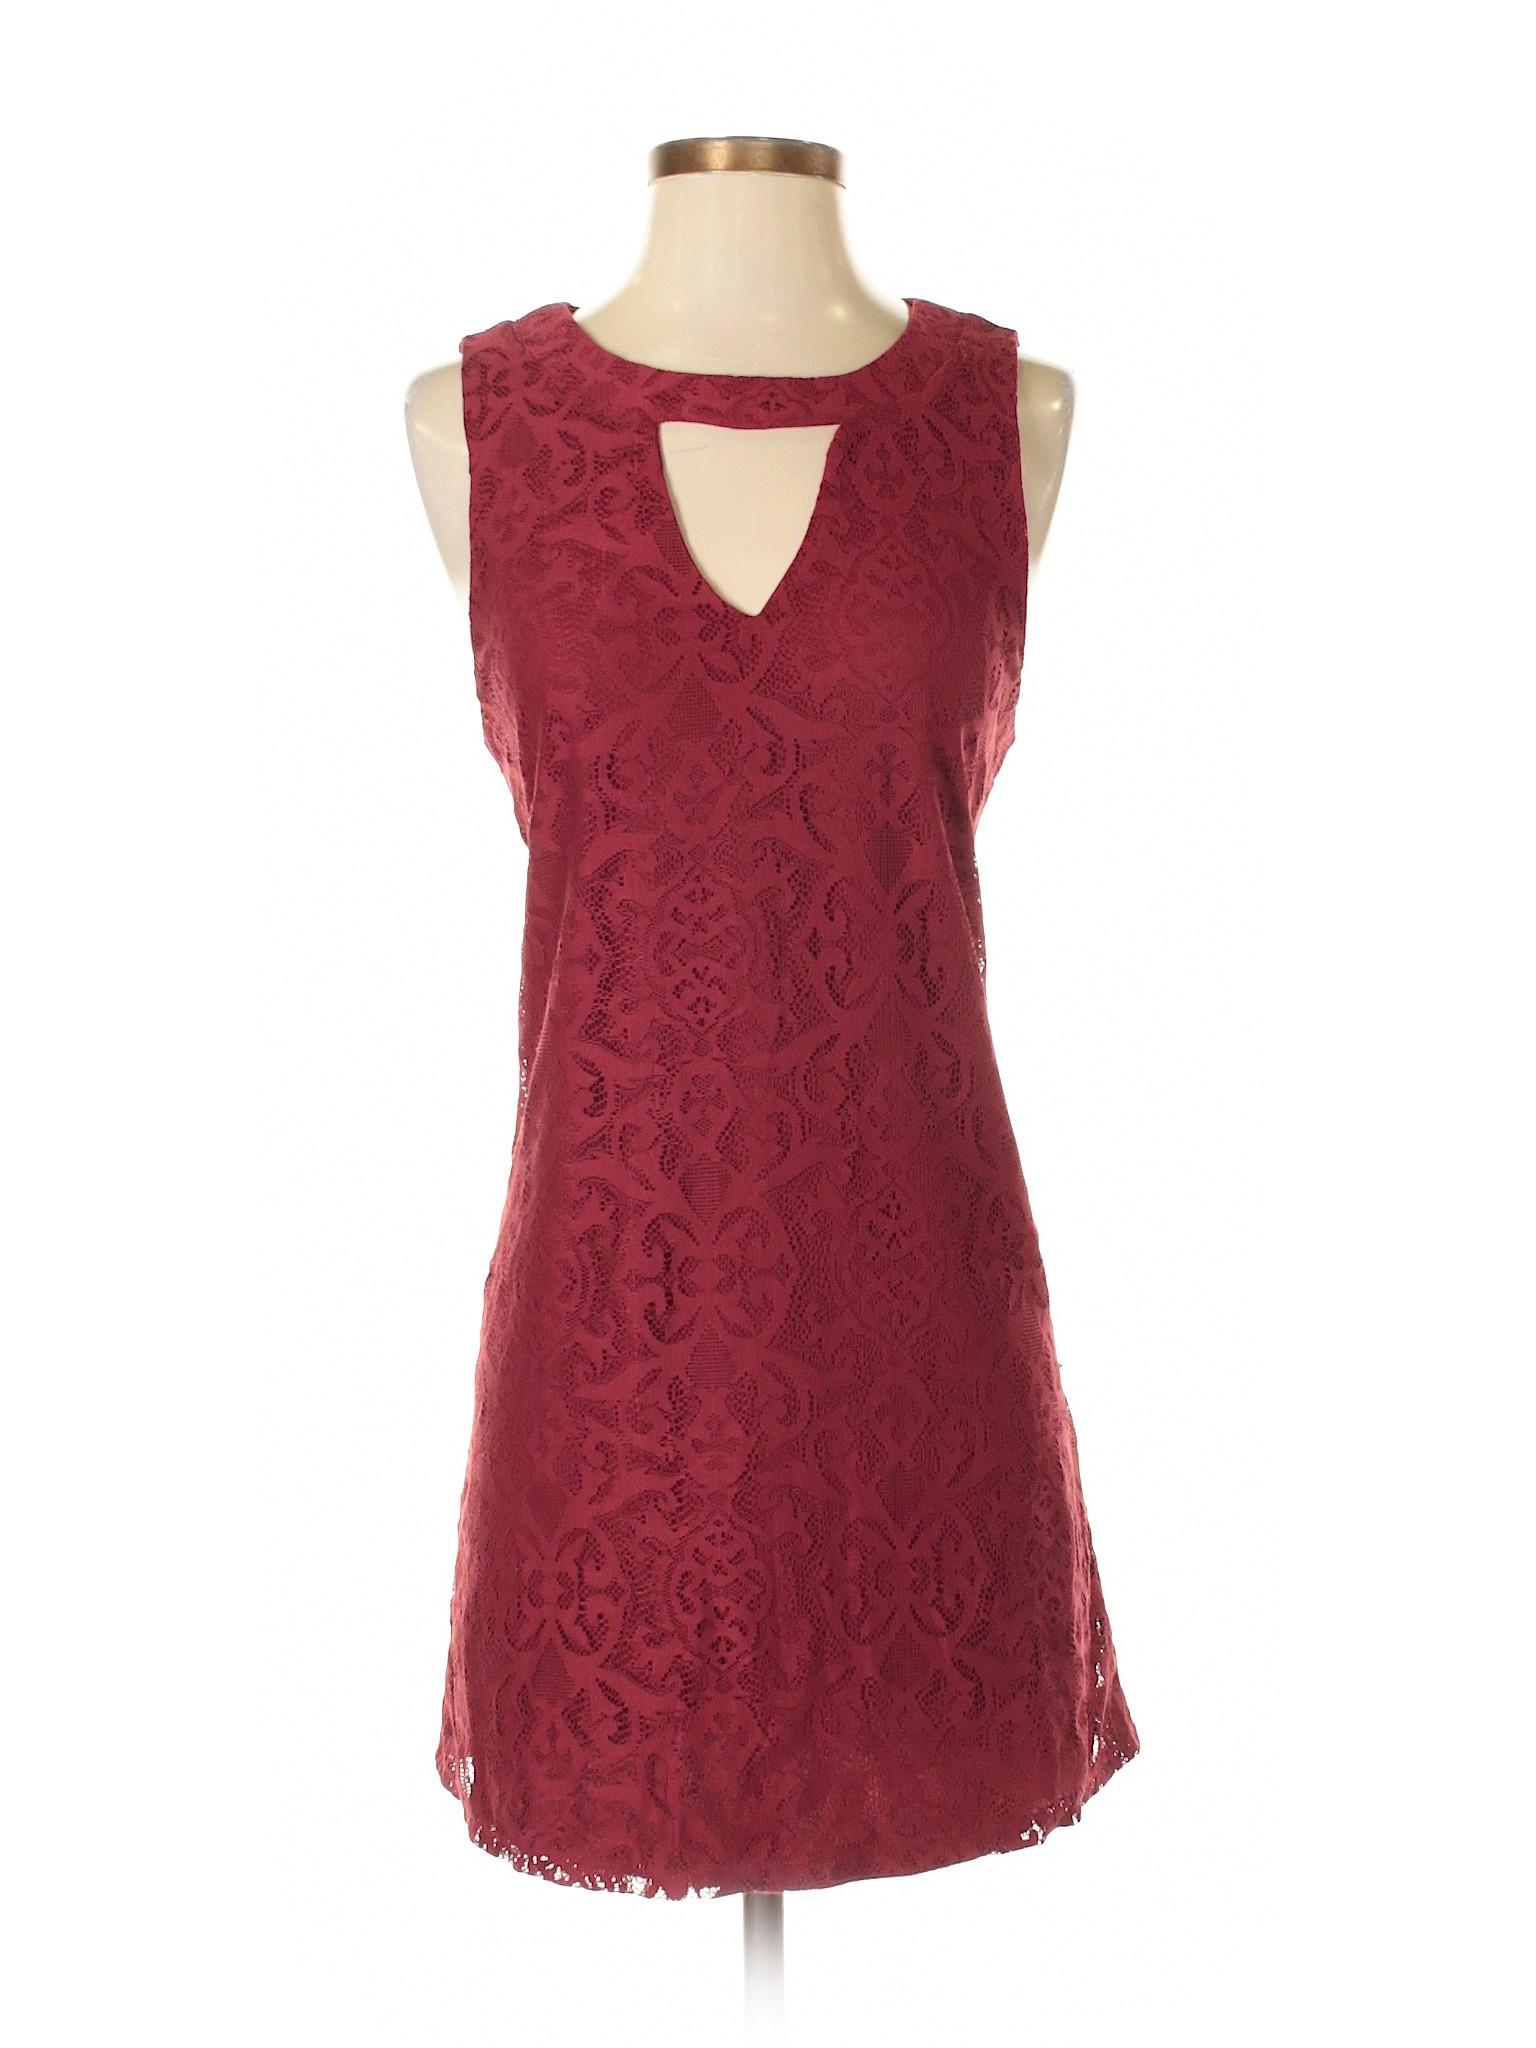 Casual Boutique Boutique winter Boutique Dress winter winter Dress Miami Miami Casual wCZUxqqt